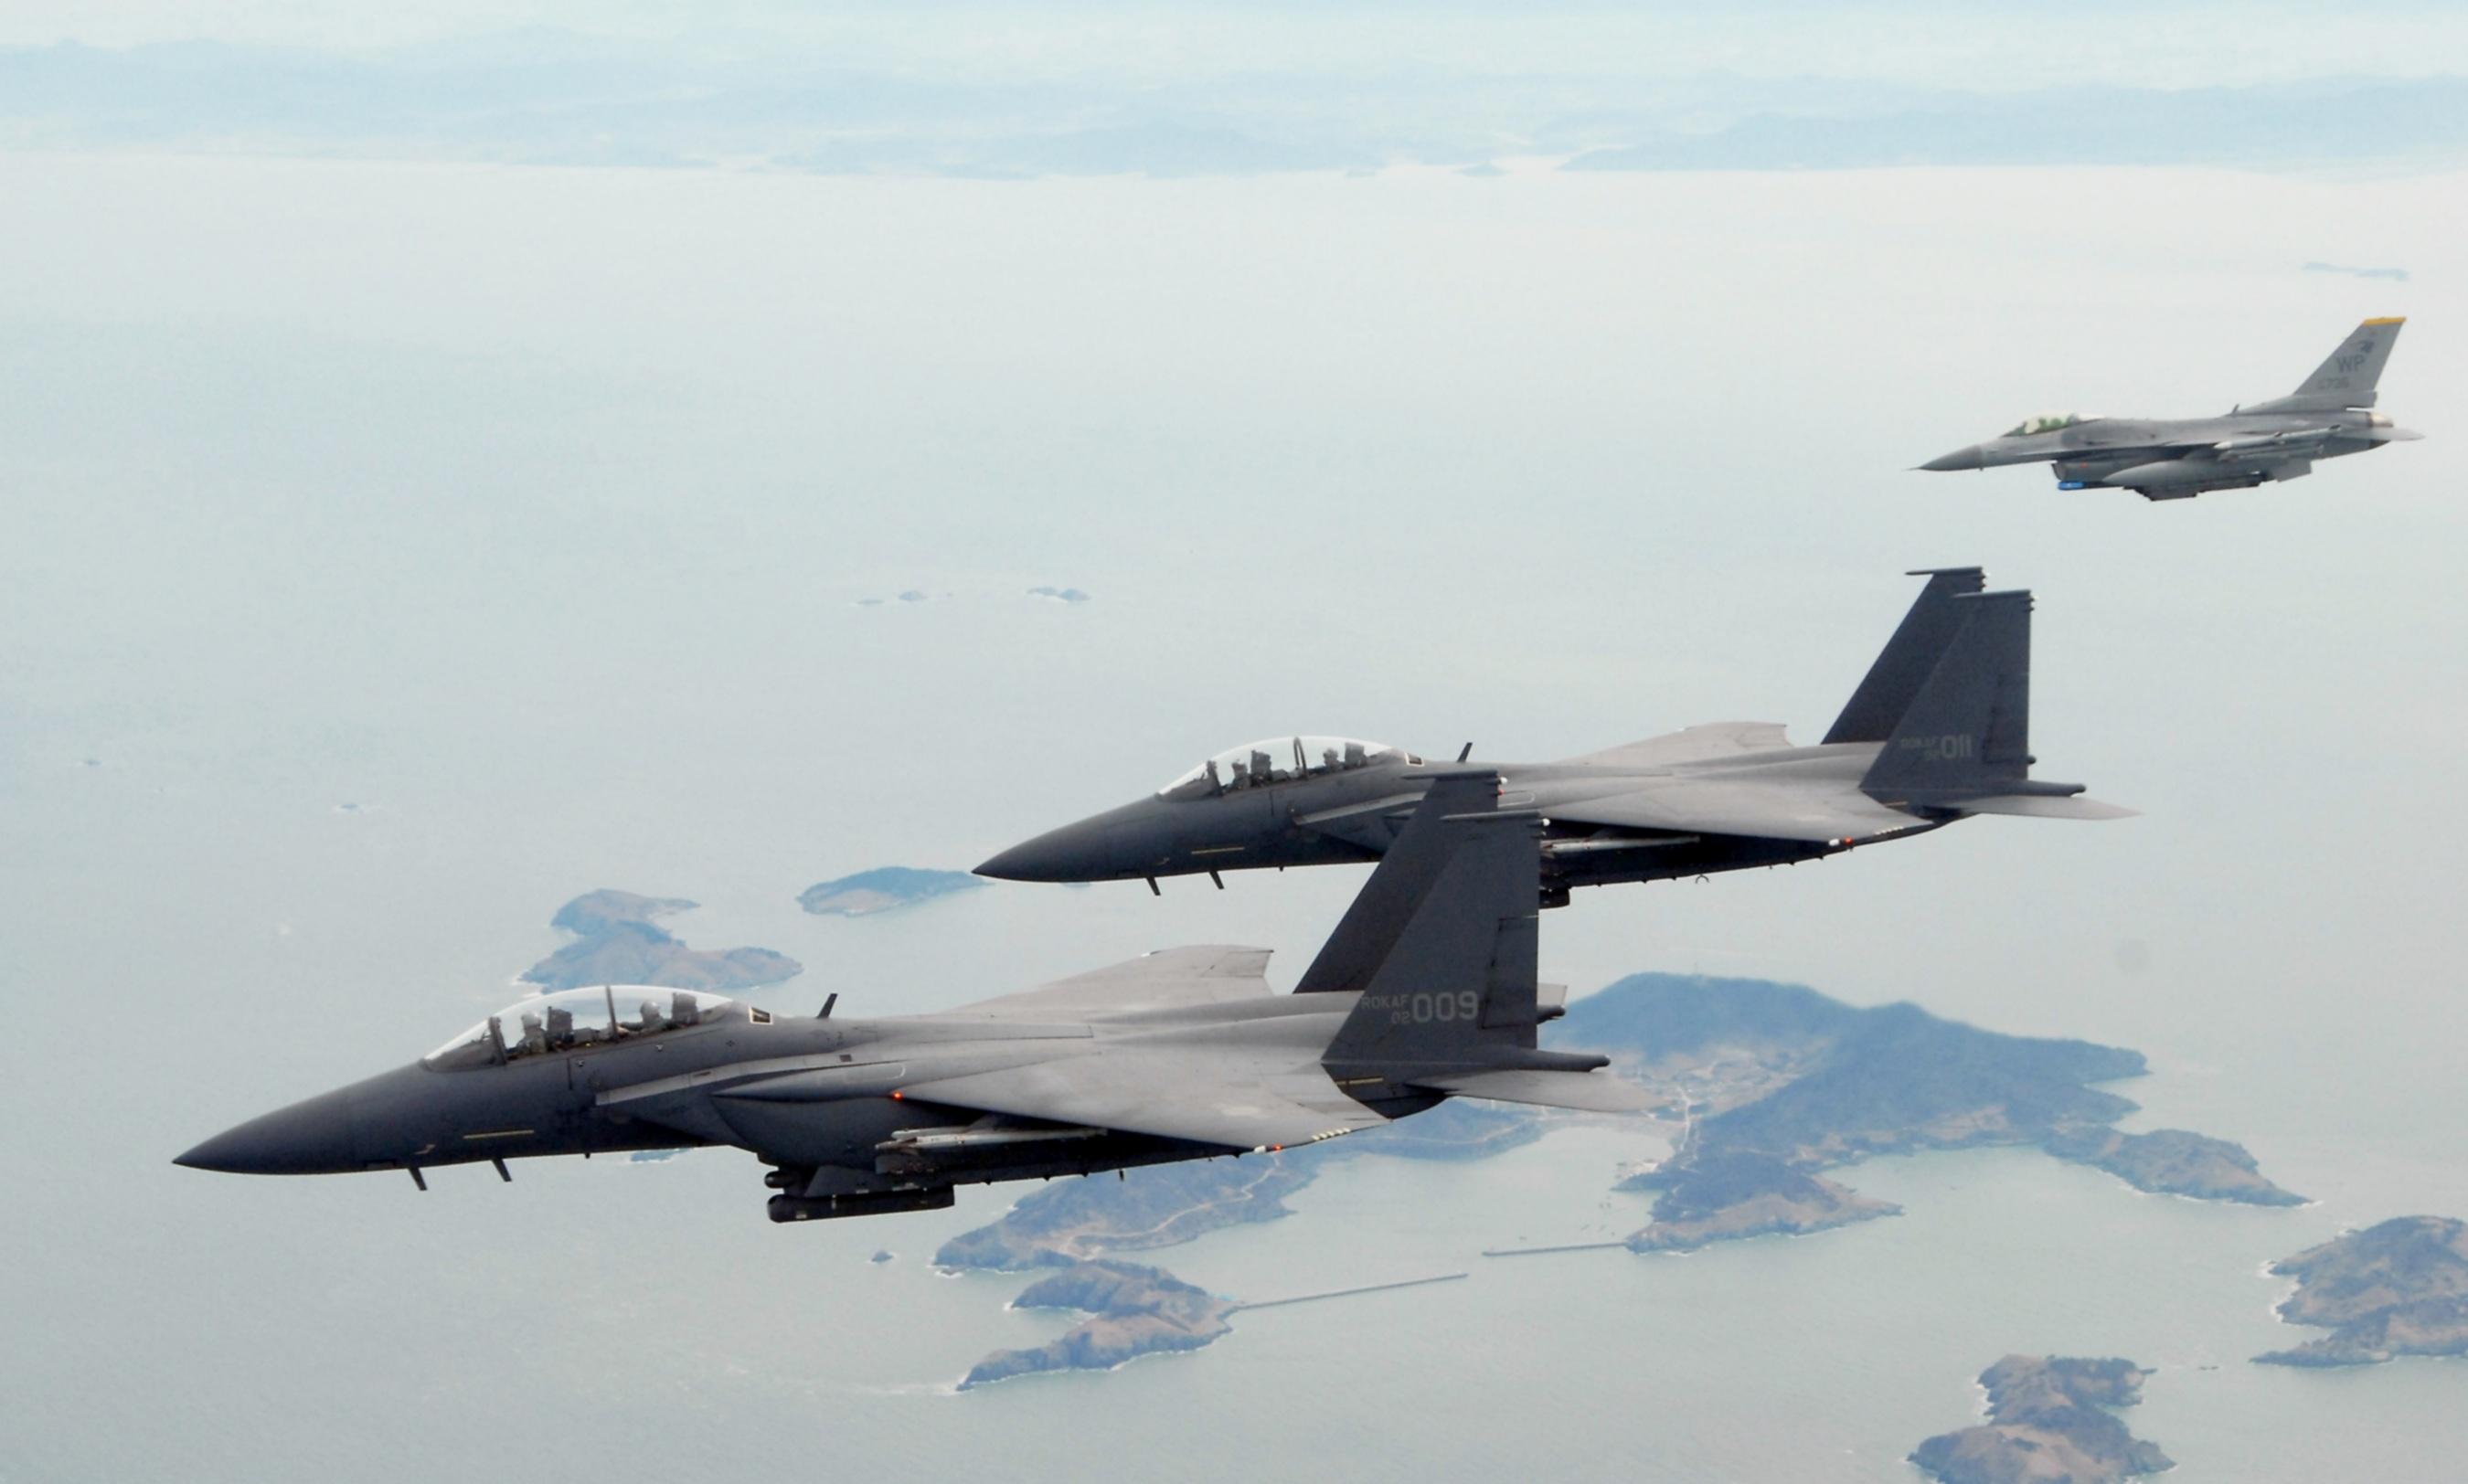 军事-免费yoqq韩国军机向俄罗斯军机开火,意味着什么yoqq资源(1)